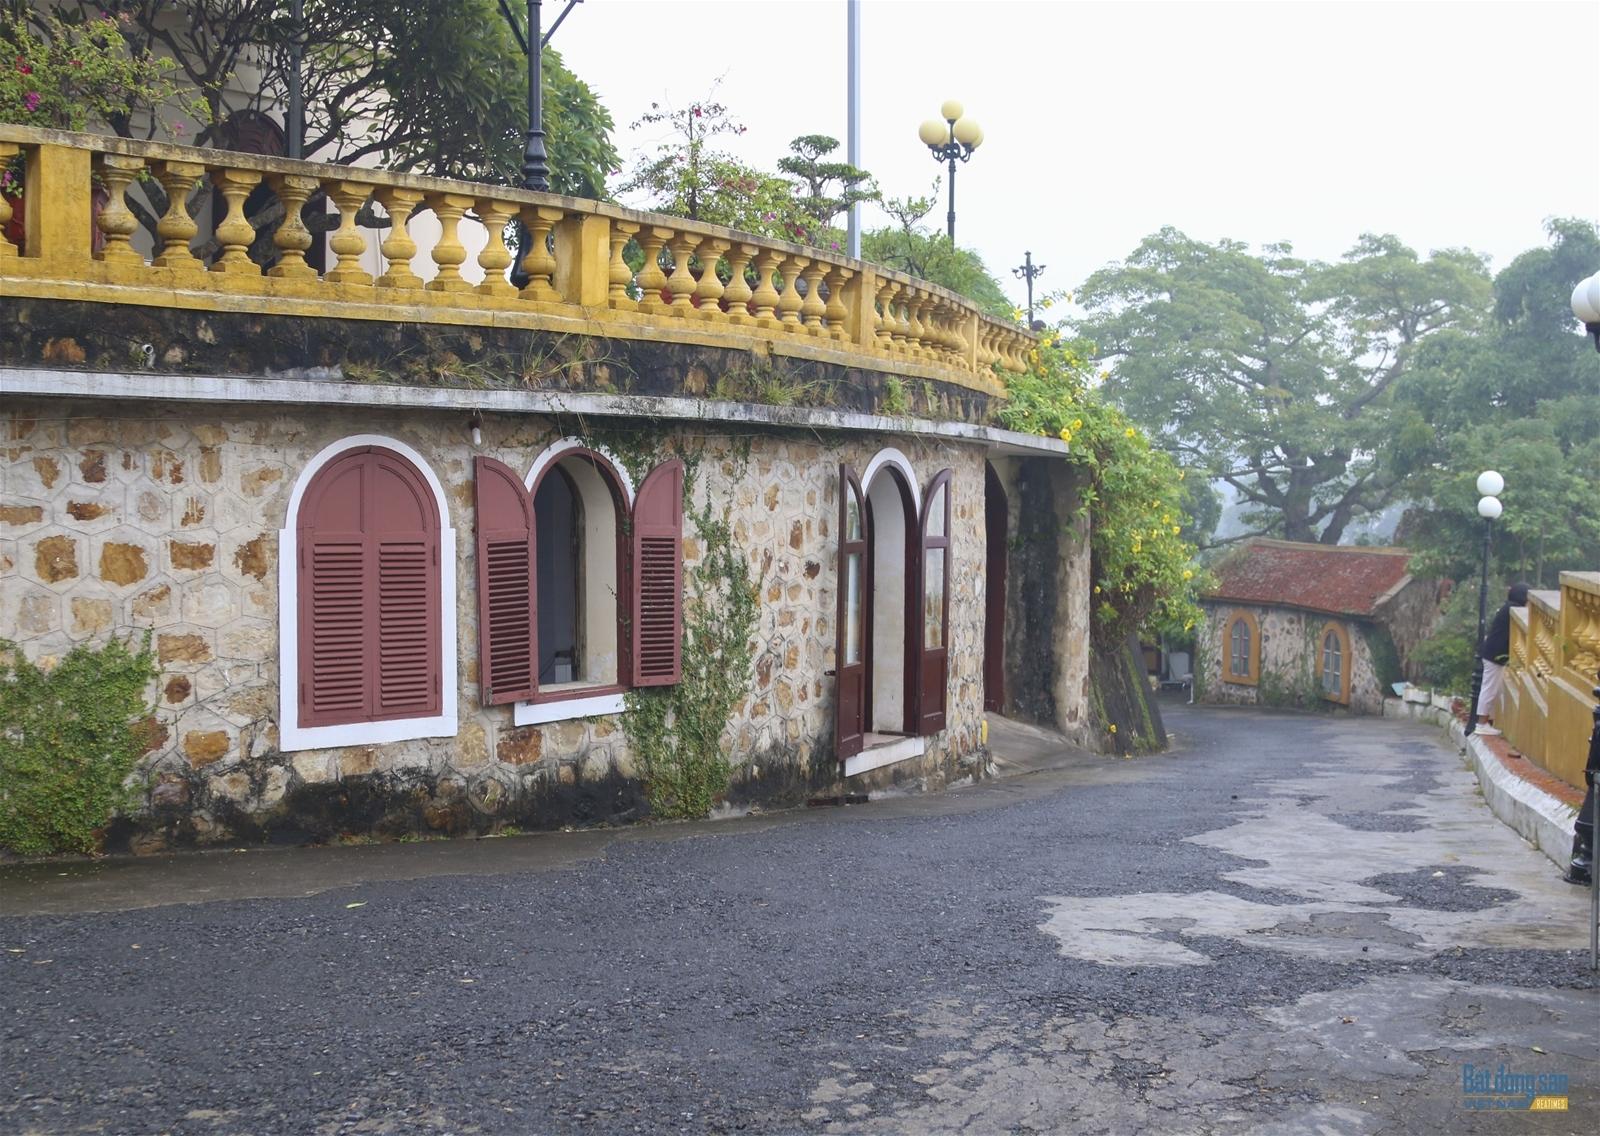 Chiêm ngắm vẻ đẹp dinh thự Vua Bảo Đại ở Đồ Sơn -Hải Phòng